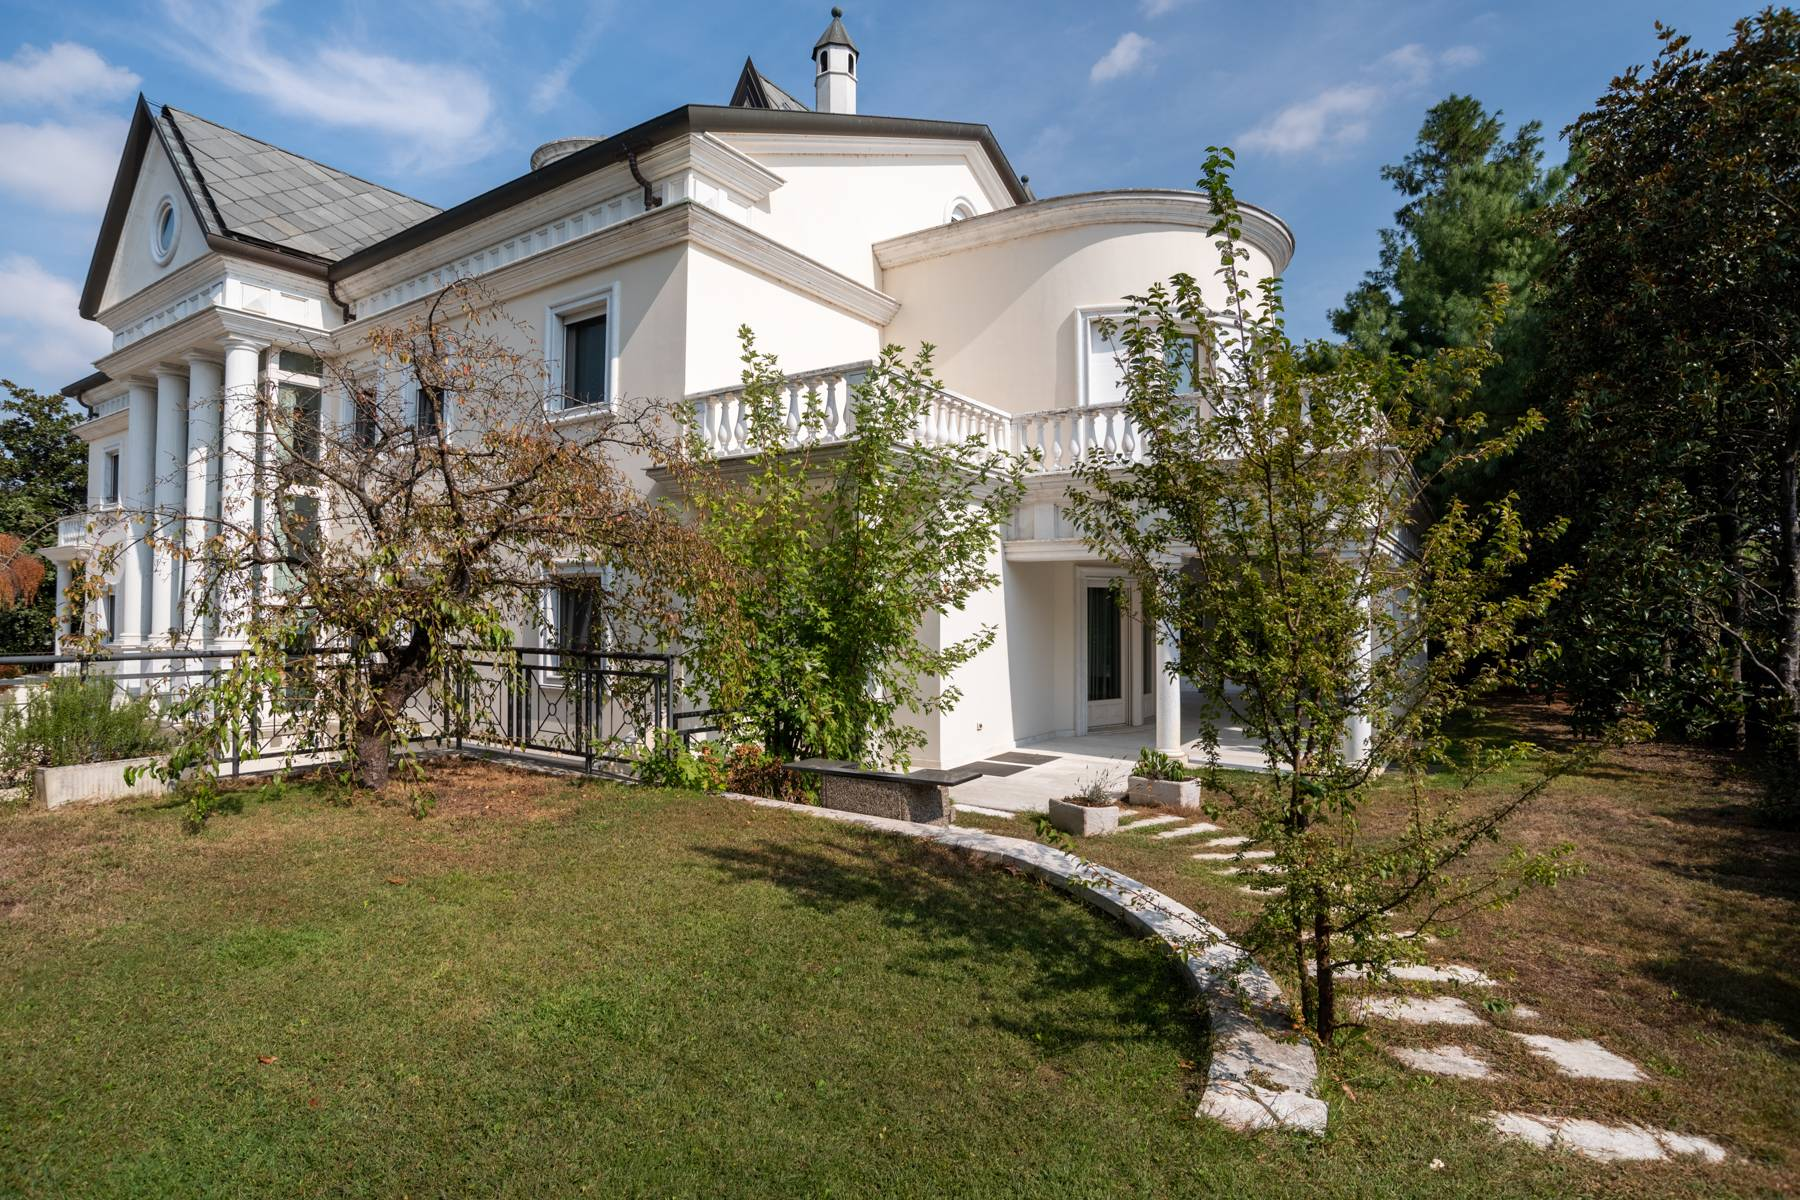 Lussuosa villa neoclassica con ampio parco e piscina - 45